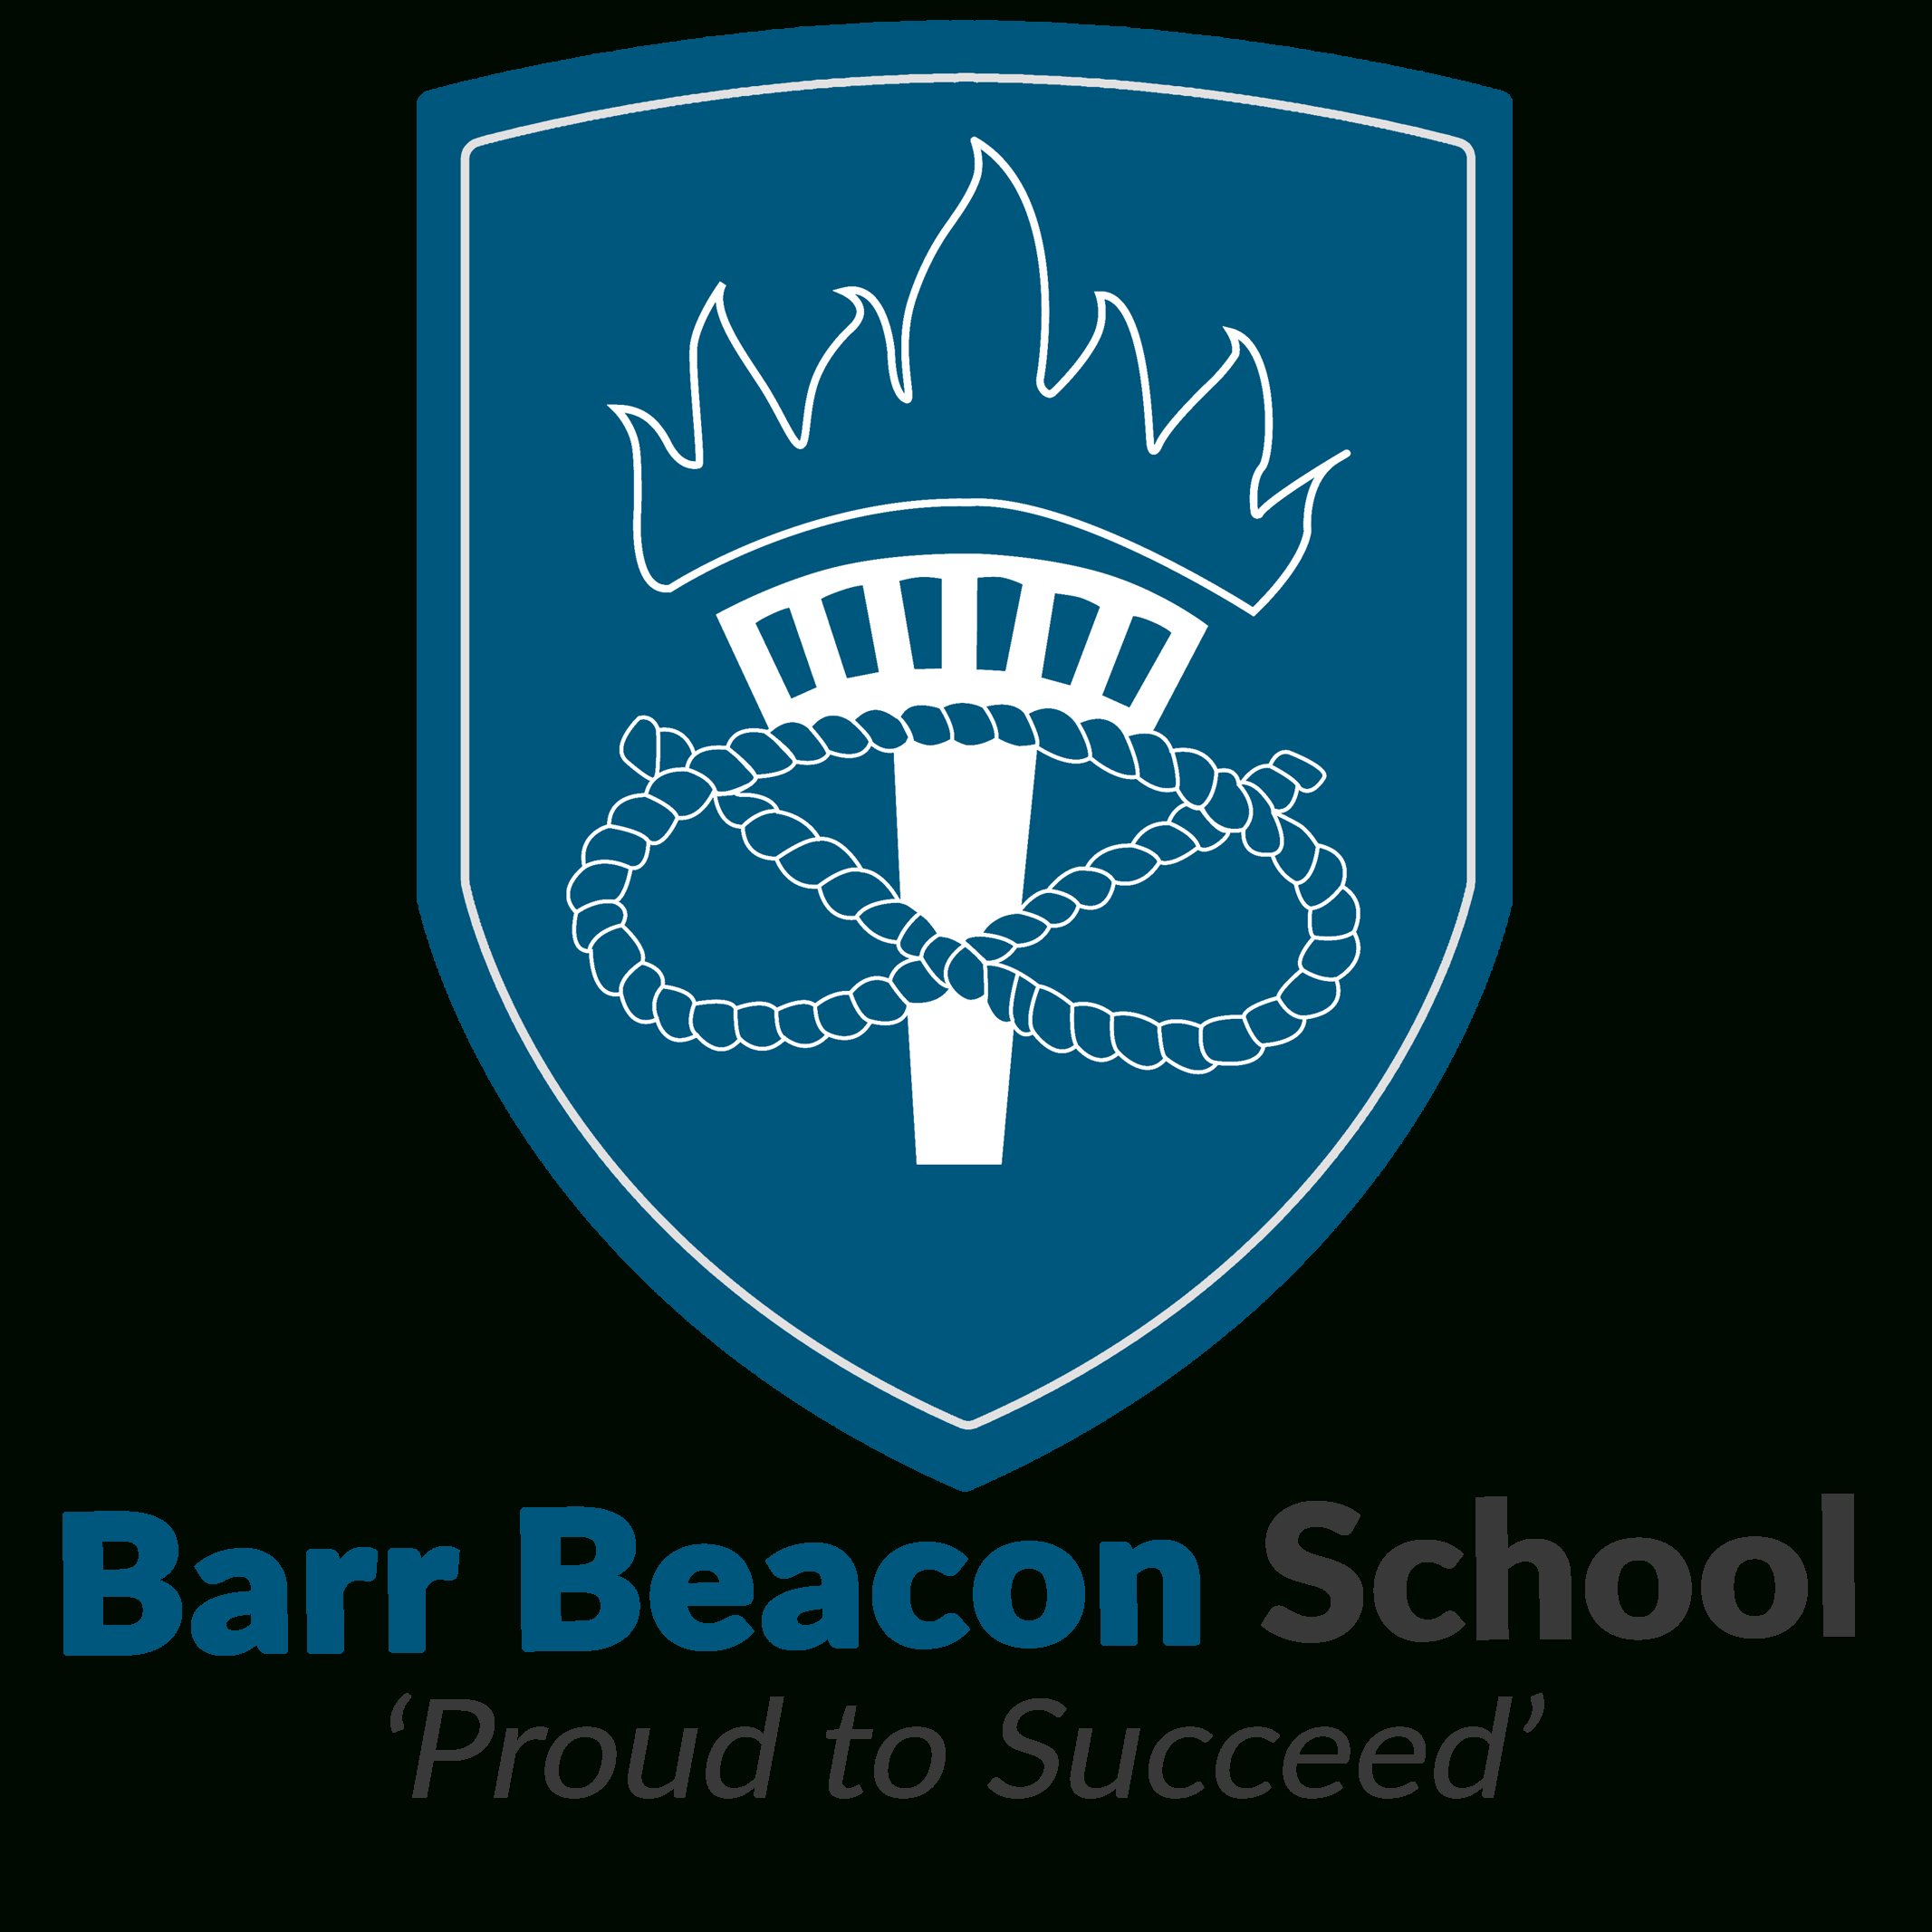 Calendar – Barr Beacon School regarding Barr Beacon School Calendar